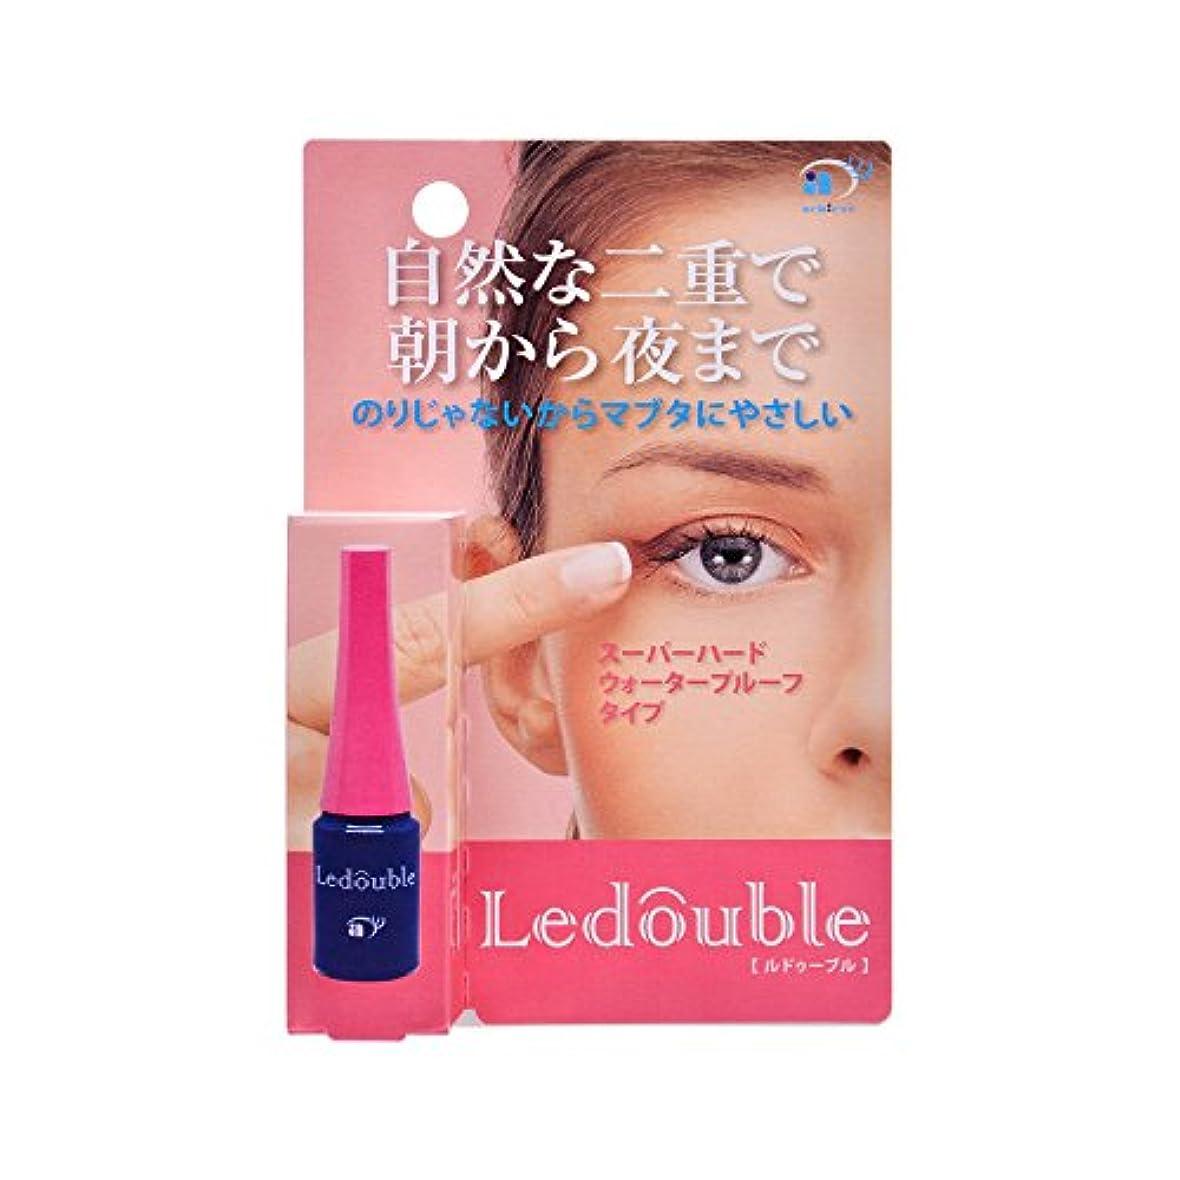 尾沿ってさようならLedouble [ルドゥーブル] 二重まぶた化粧品 (2mL)